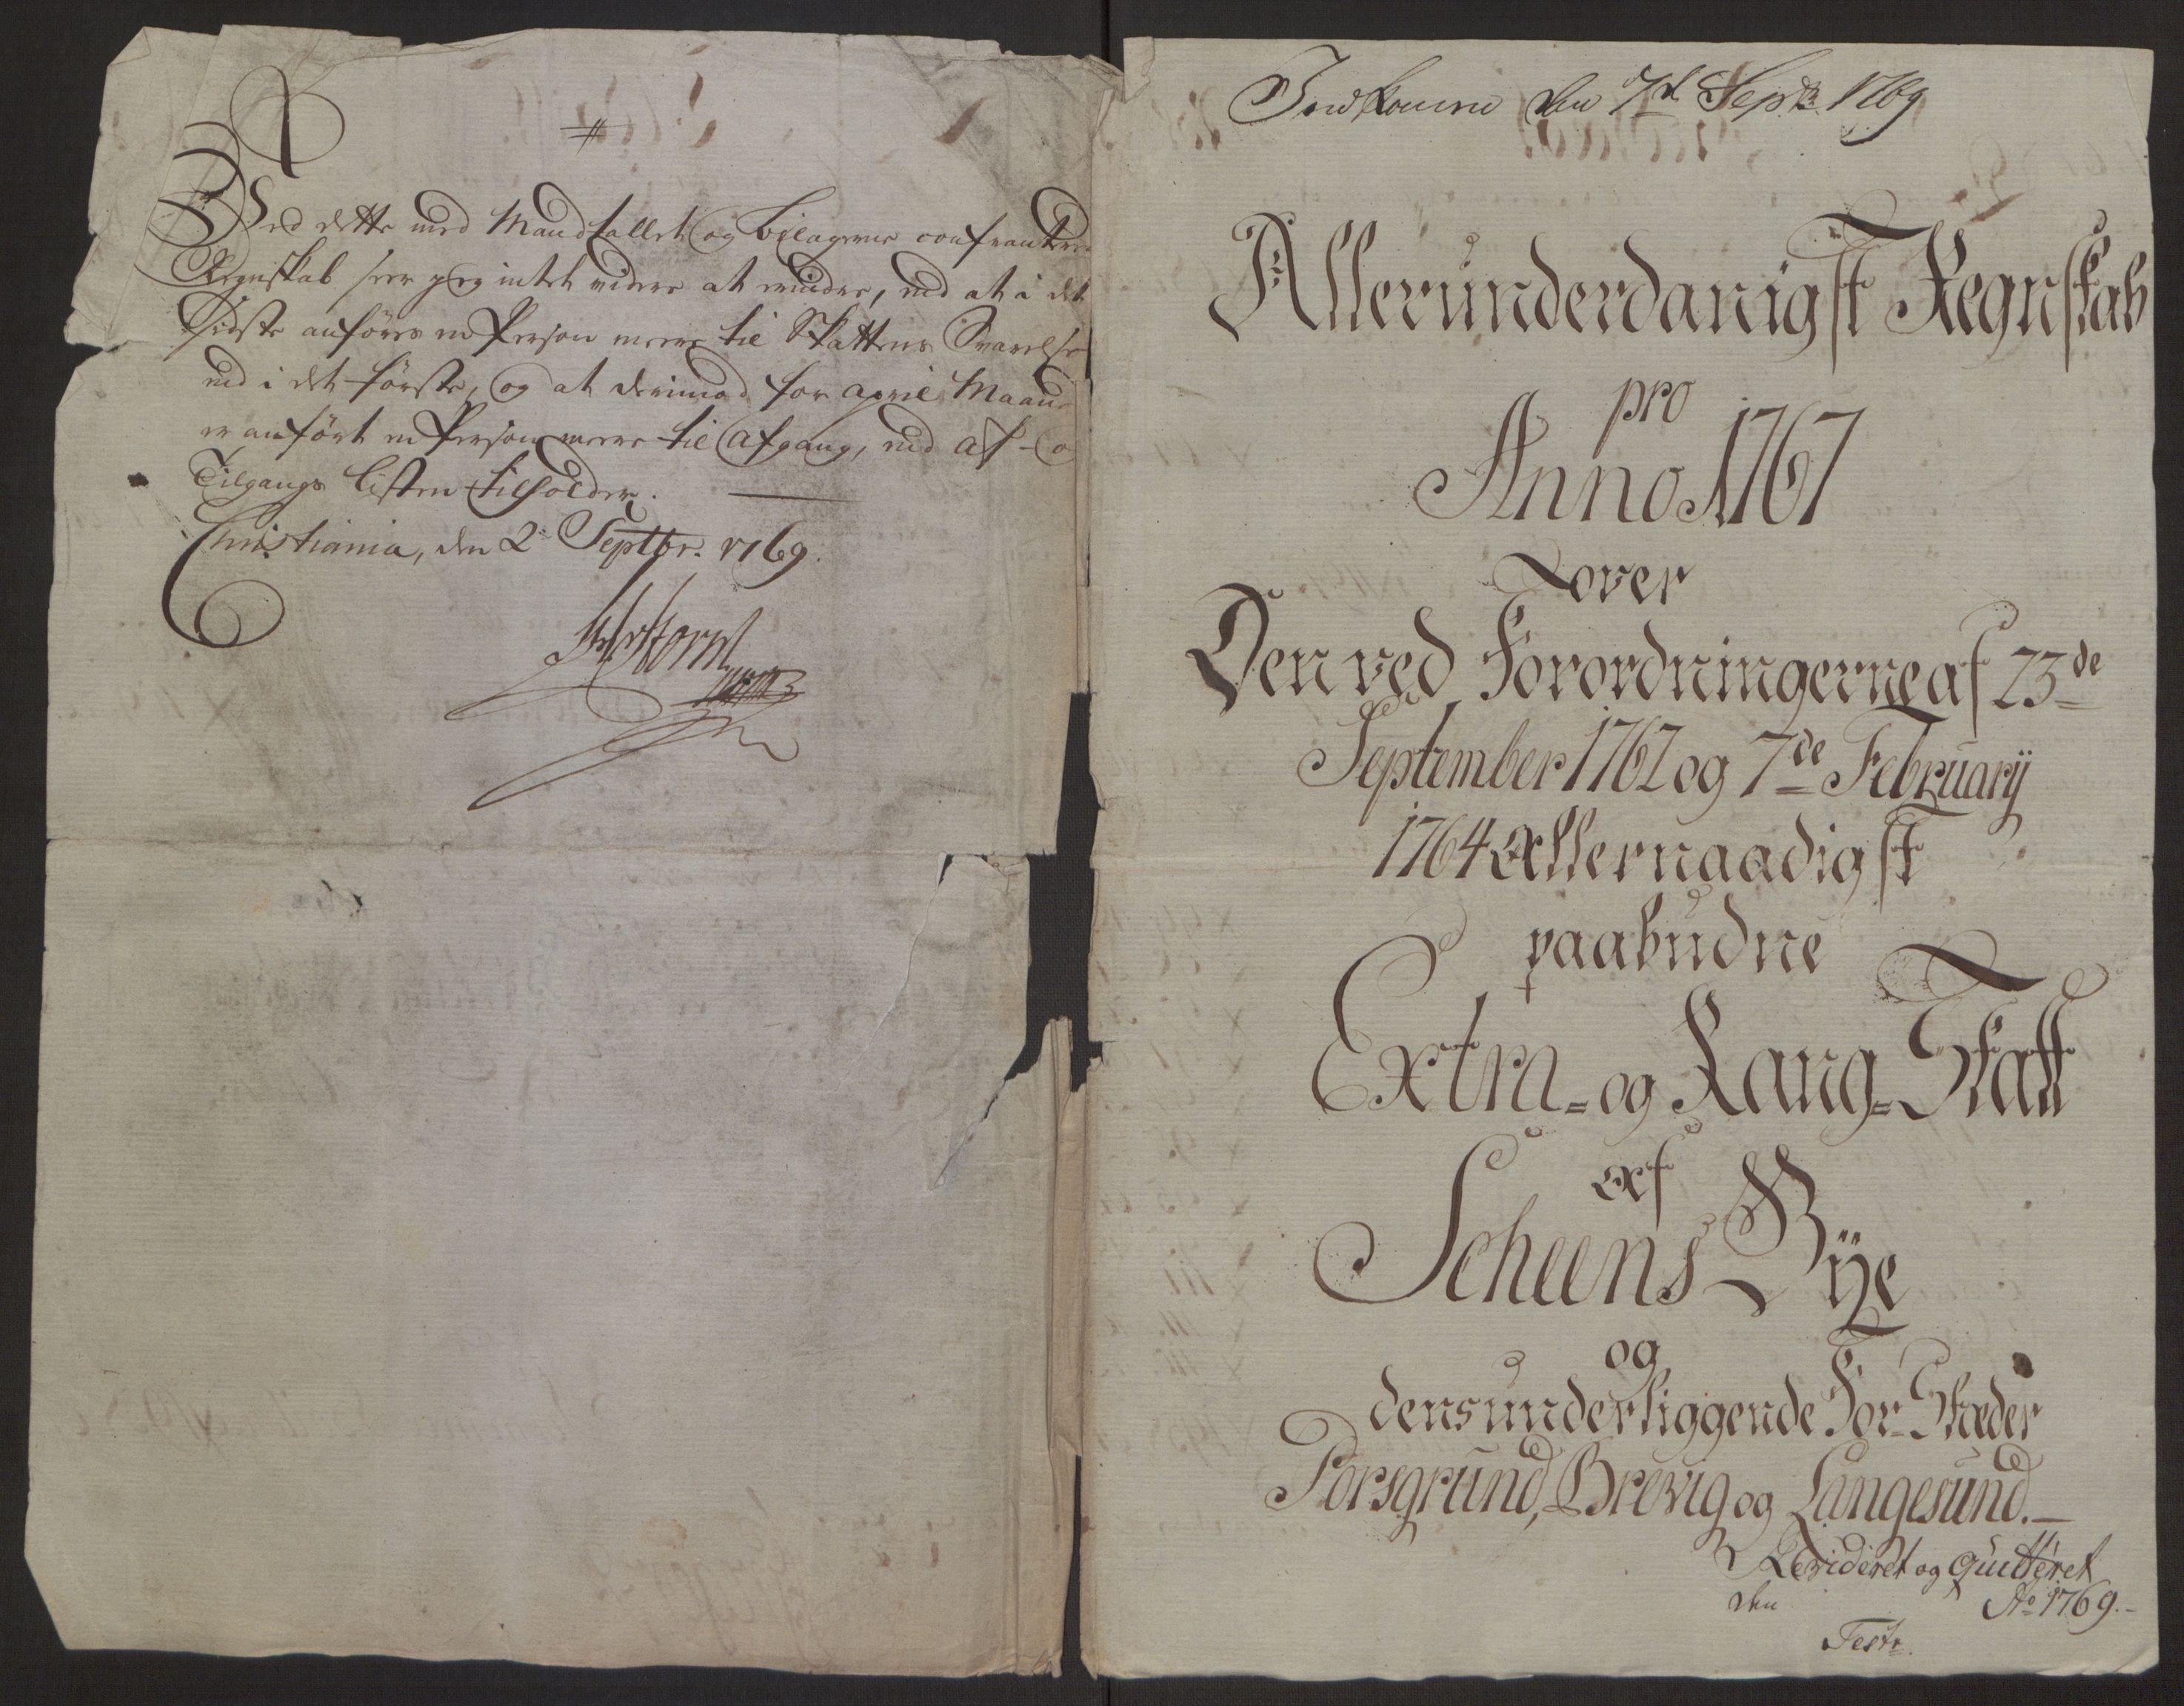 RA, Rentekammeret inntil 1814, Reviderte regnskaper, Byregnskaper, R/Rj/L0198: [J4] Kontribusjonsregnskap, 1762-1768, s. 426